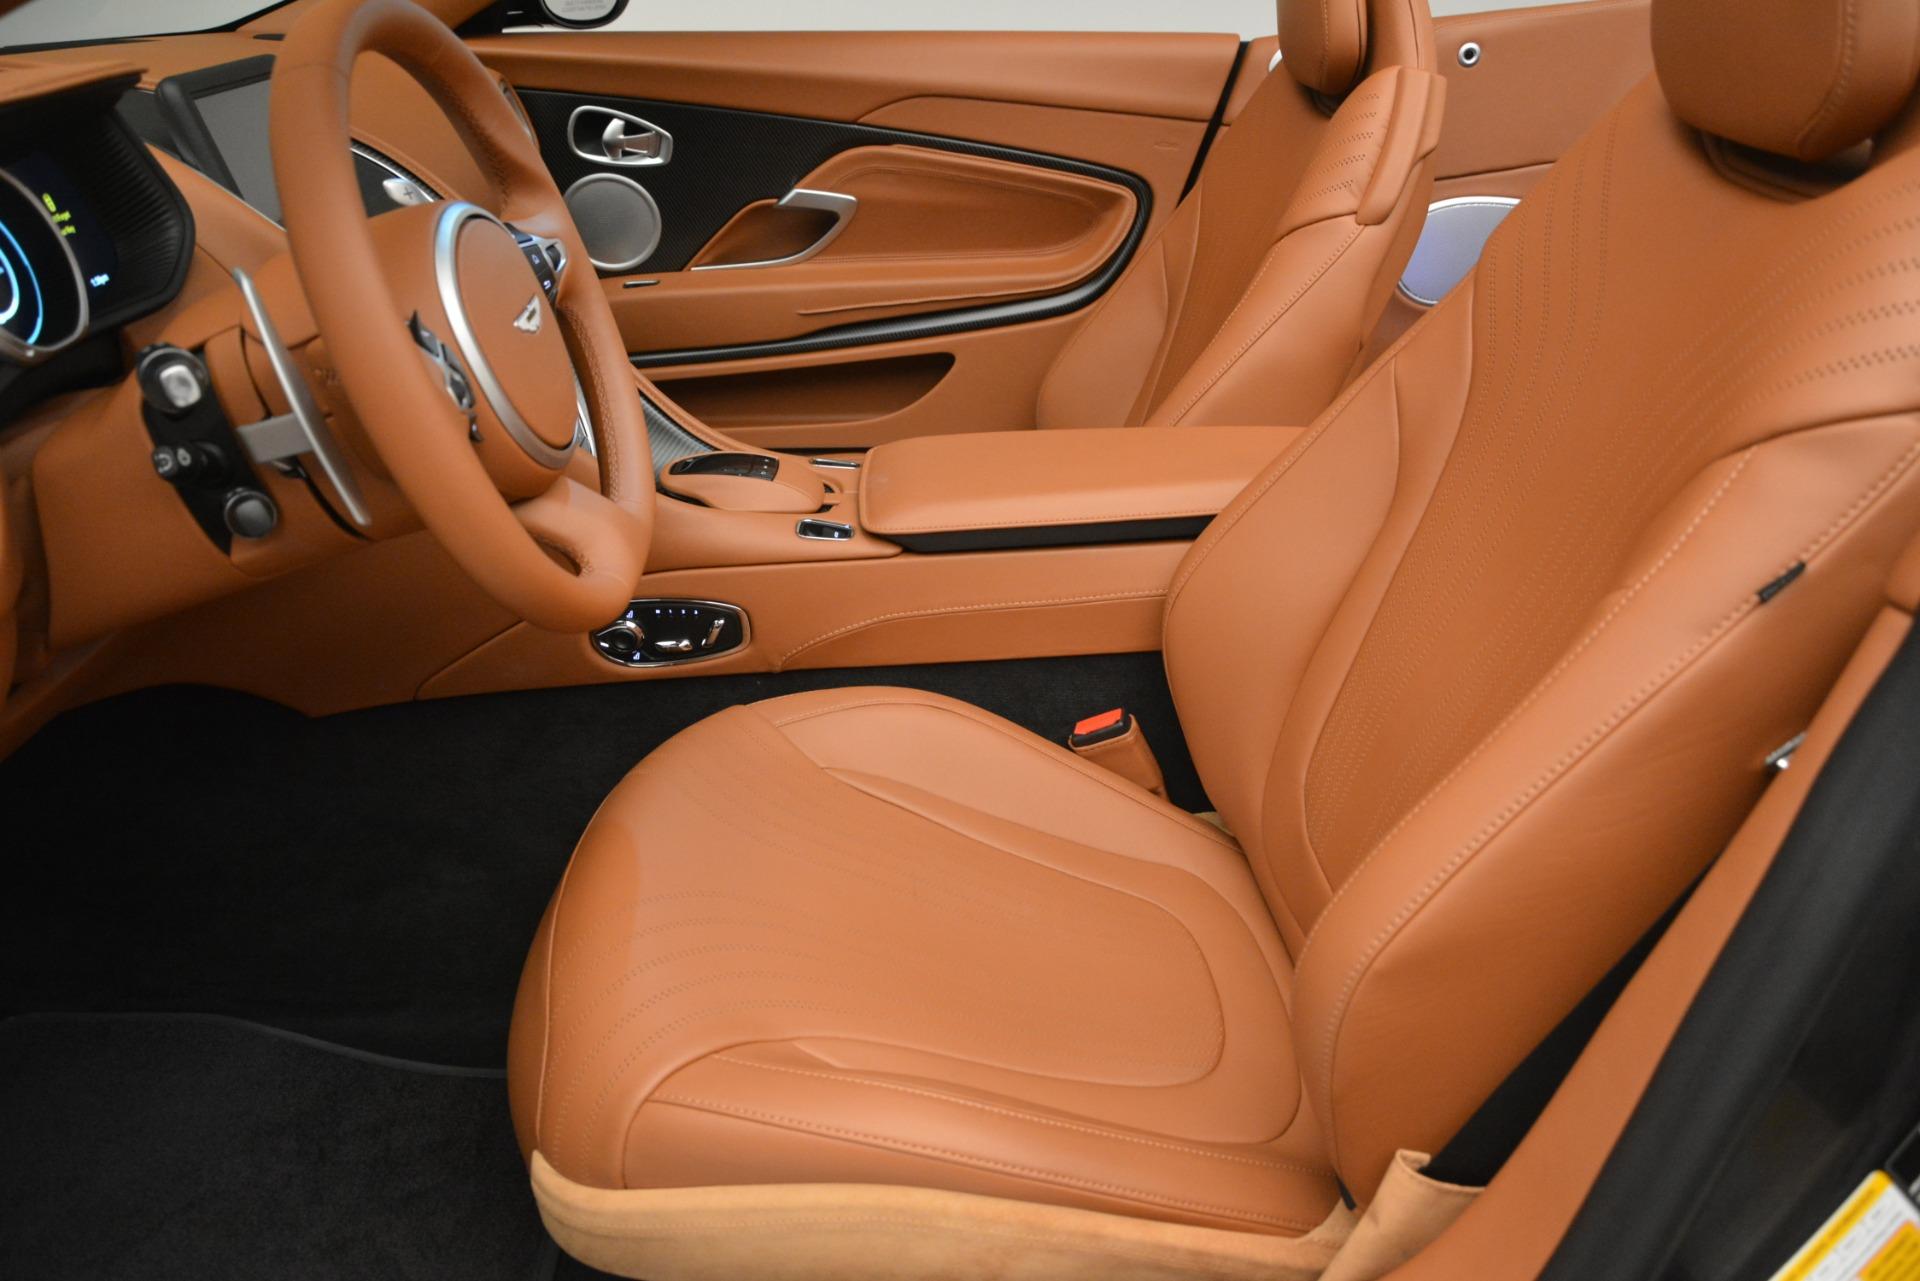 Used 2019 Aston Martin DB11 V8 Volante For Sale In Greenwich, CT 3434_p19